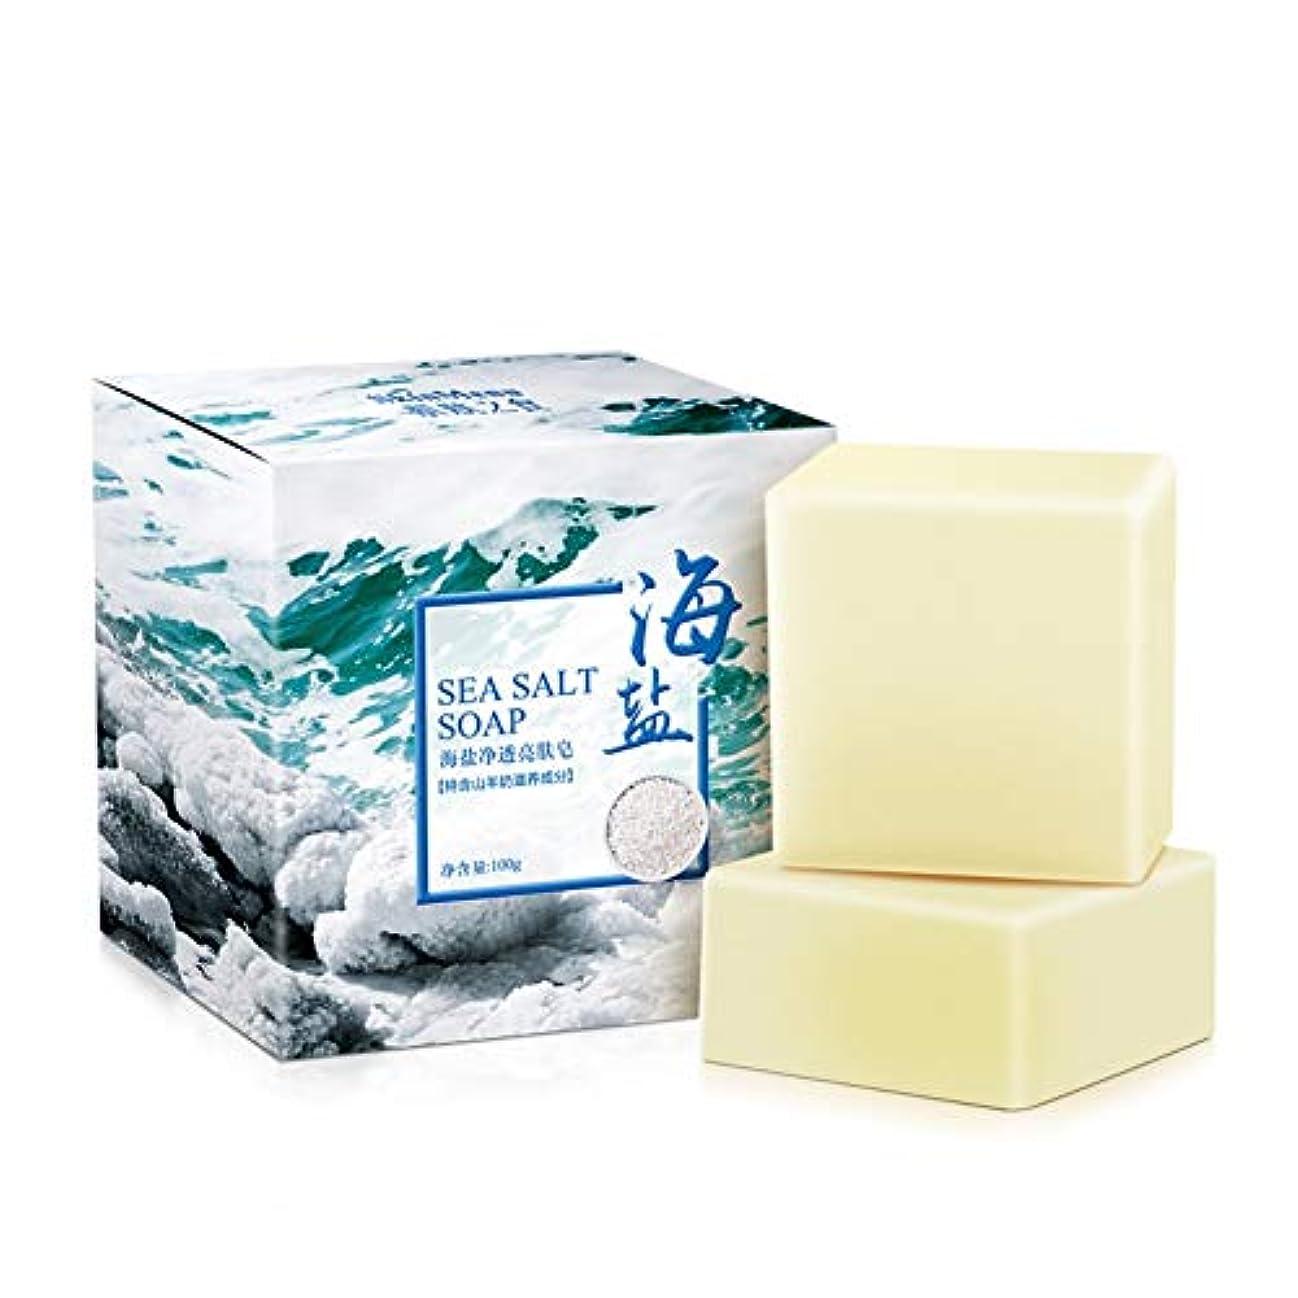 肘ミルク練習Cutelove 石鹸 にきび用石鹸 海塩石鹸 海塩石鹸にきび パーソナルケア製品 補修石鹸 ボディークリーニング製品